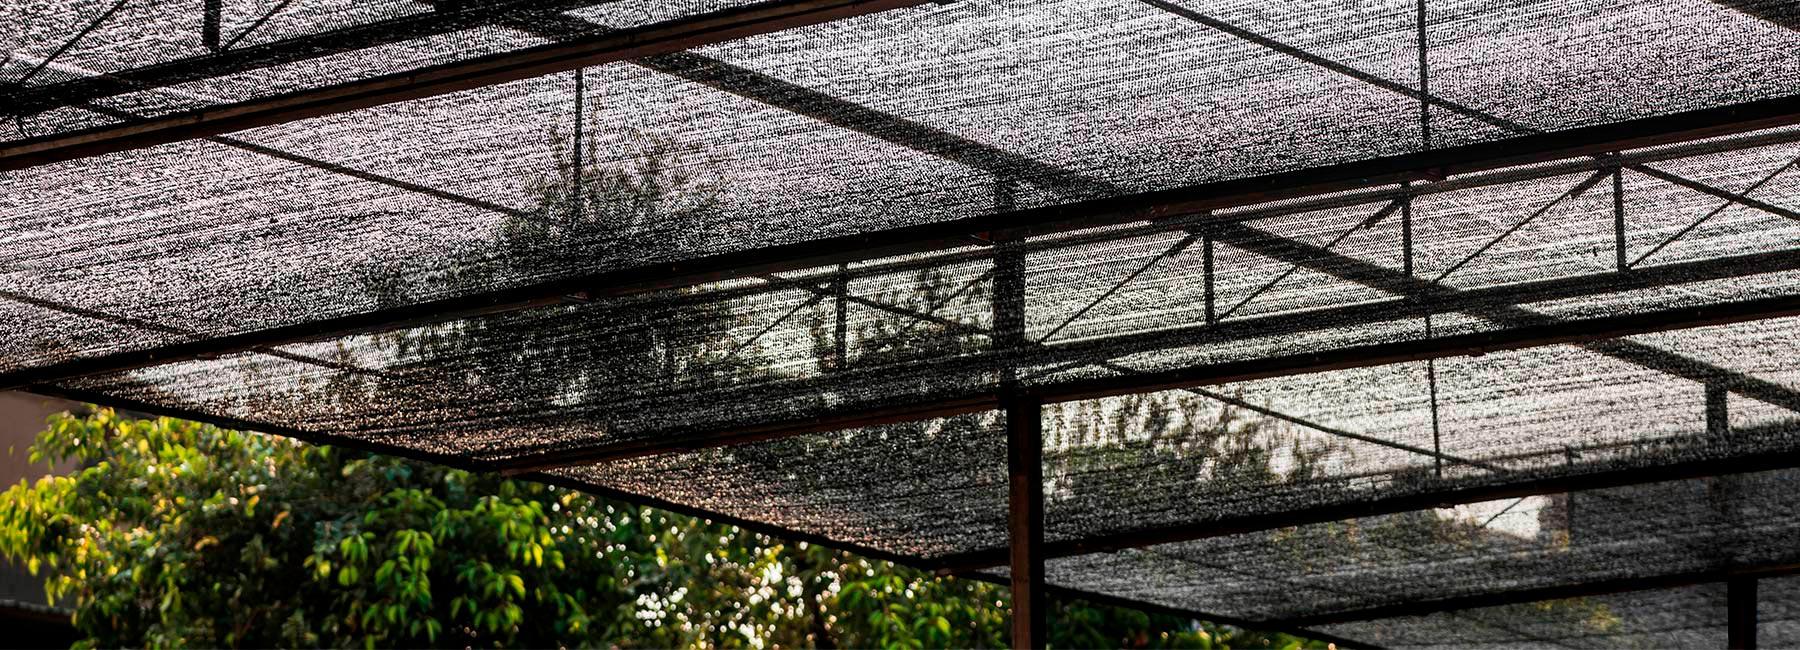 NISHIZAWAARCHITECTS использовали сельскохозяйственную сетку для затенения нового ресторана во Вьетнаме